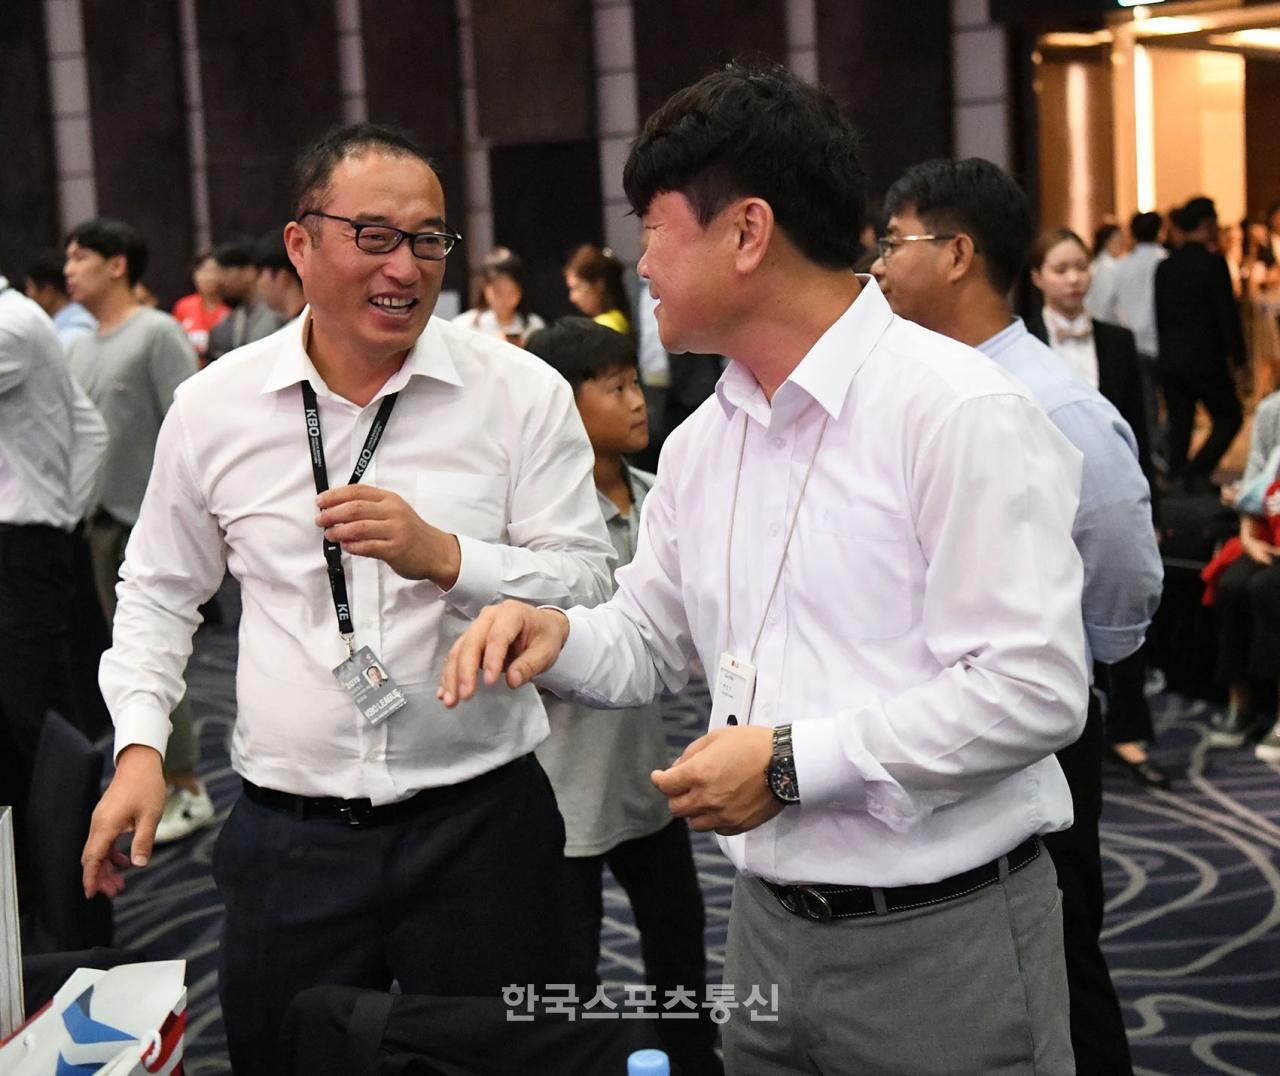 [현장 인터뷰] 7번째에서 서울‧부산 알짜 자원 다수 선점 … LG 백성진 팀장의 표정은 밝았다